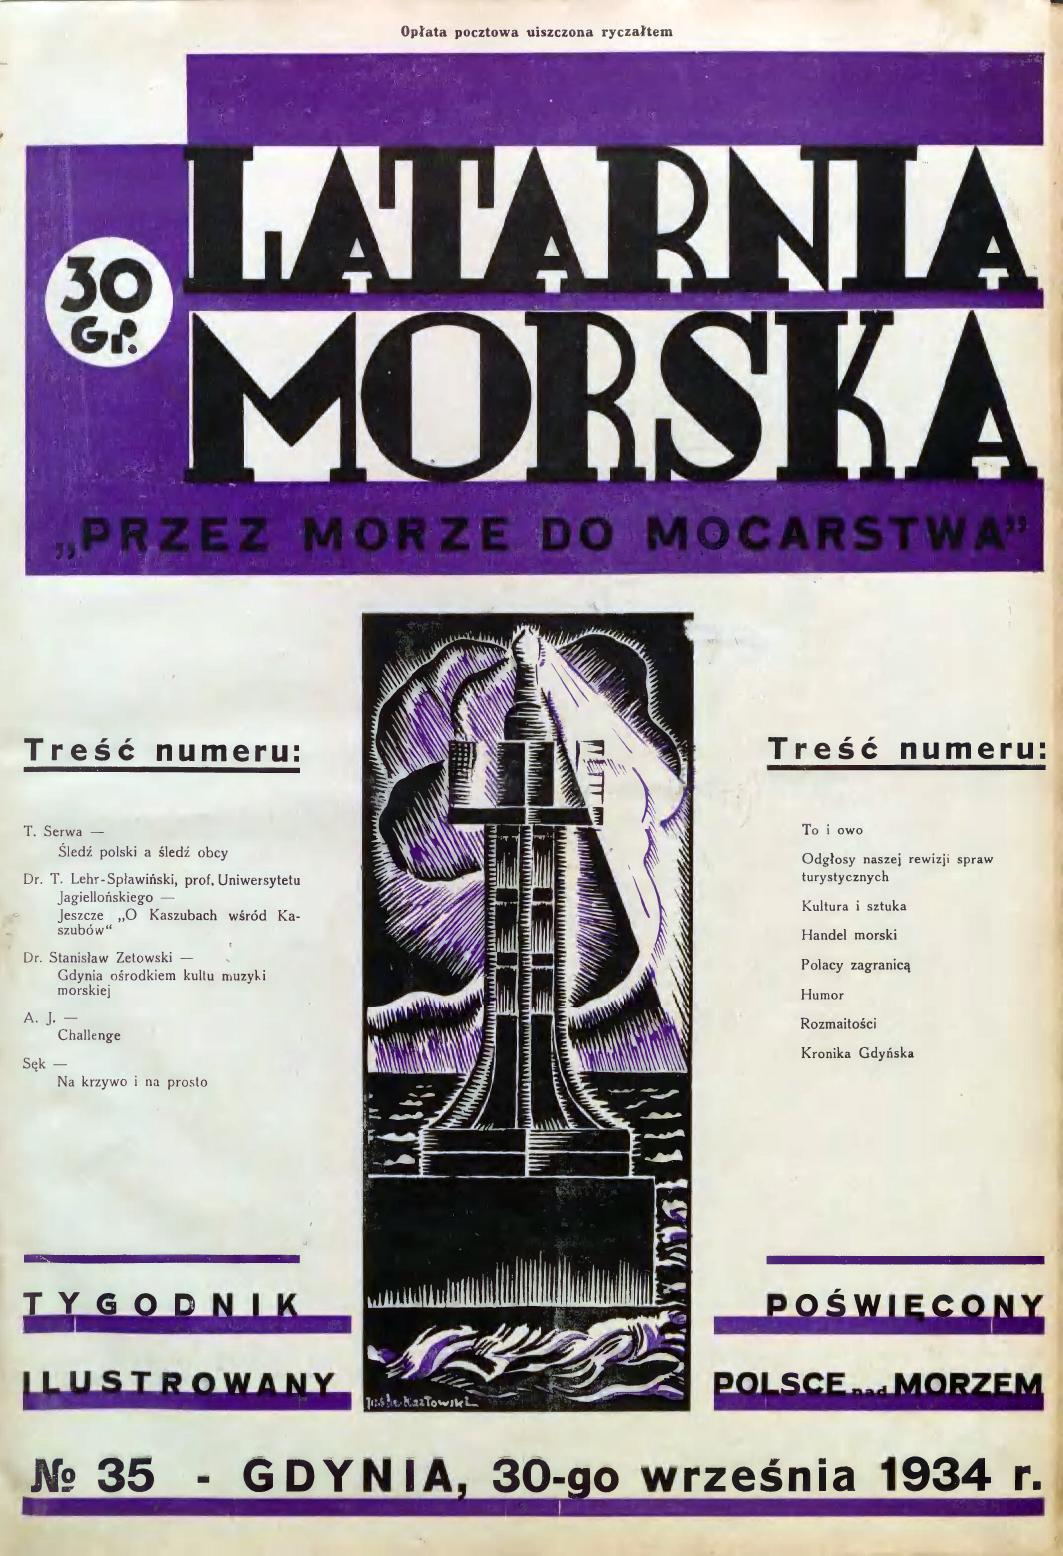 Latarnia Morska: tygodnik ilustrowany poświęcony Polsce nad morzem. – Gdynia : Balto Polak – Zakłady Graficzne i Wydawnicze, 1934, nr 35